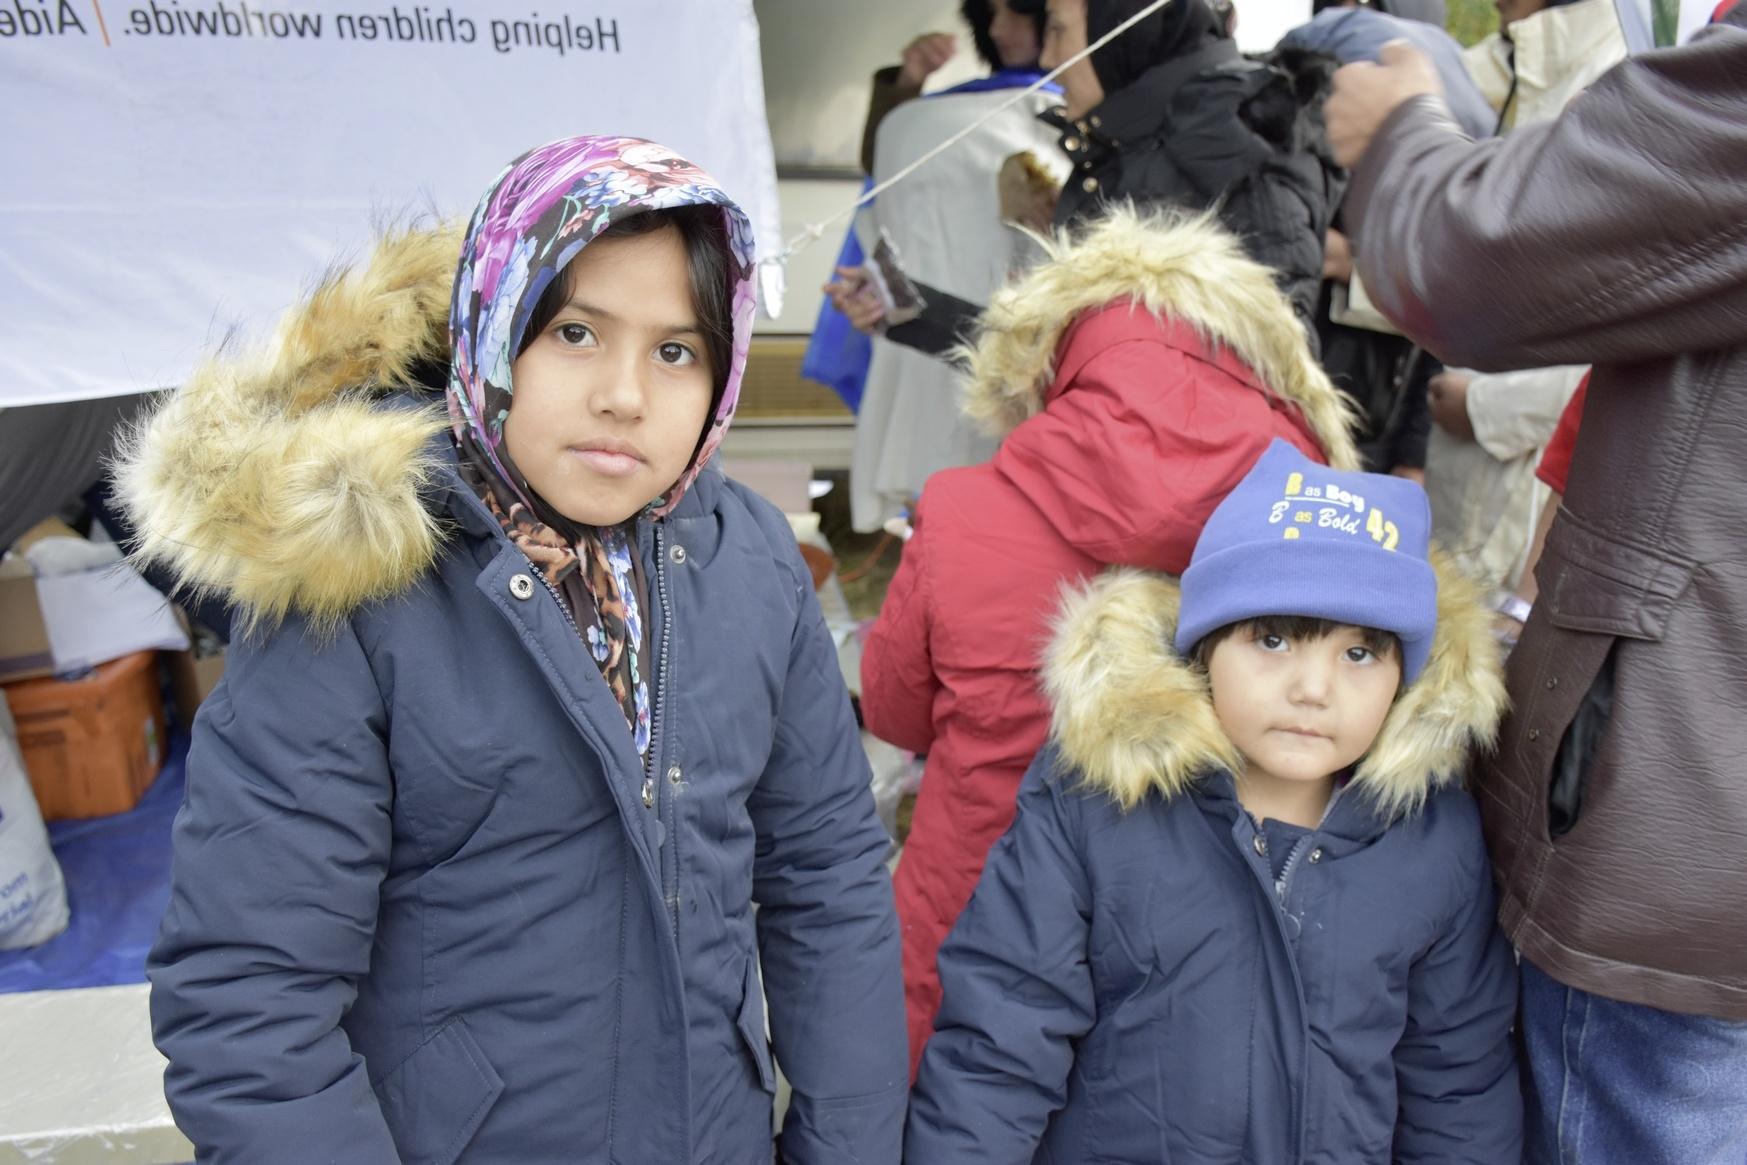 #DíaInternacional: Respeten los derechos de los niños migrantes y refugiados